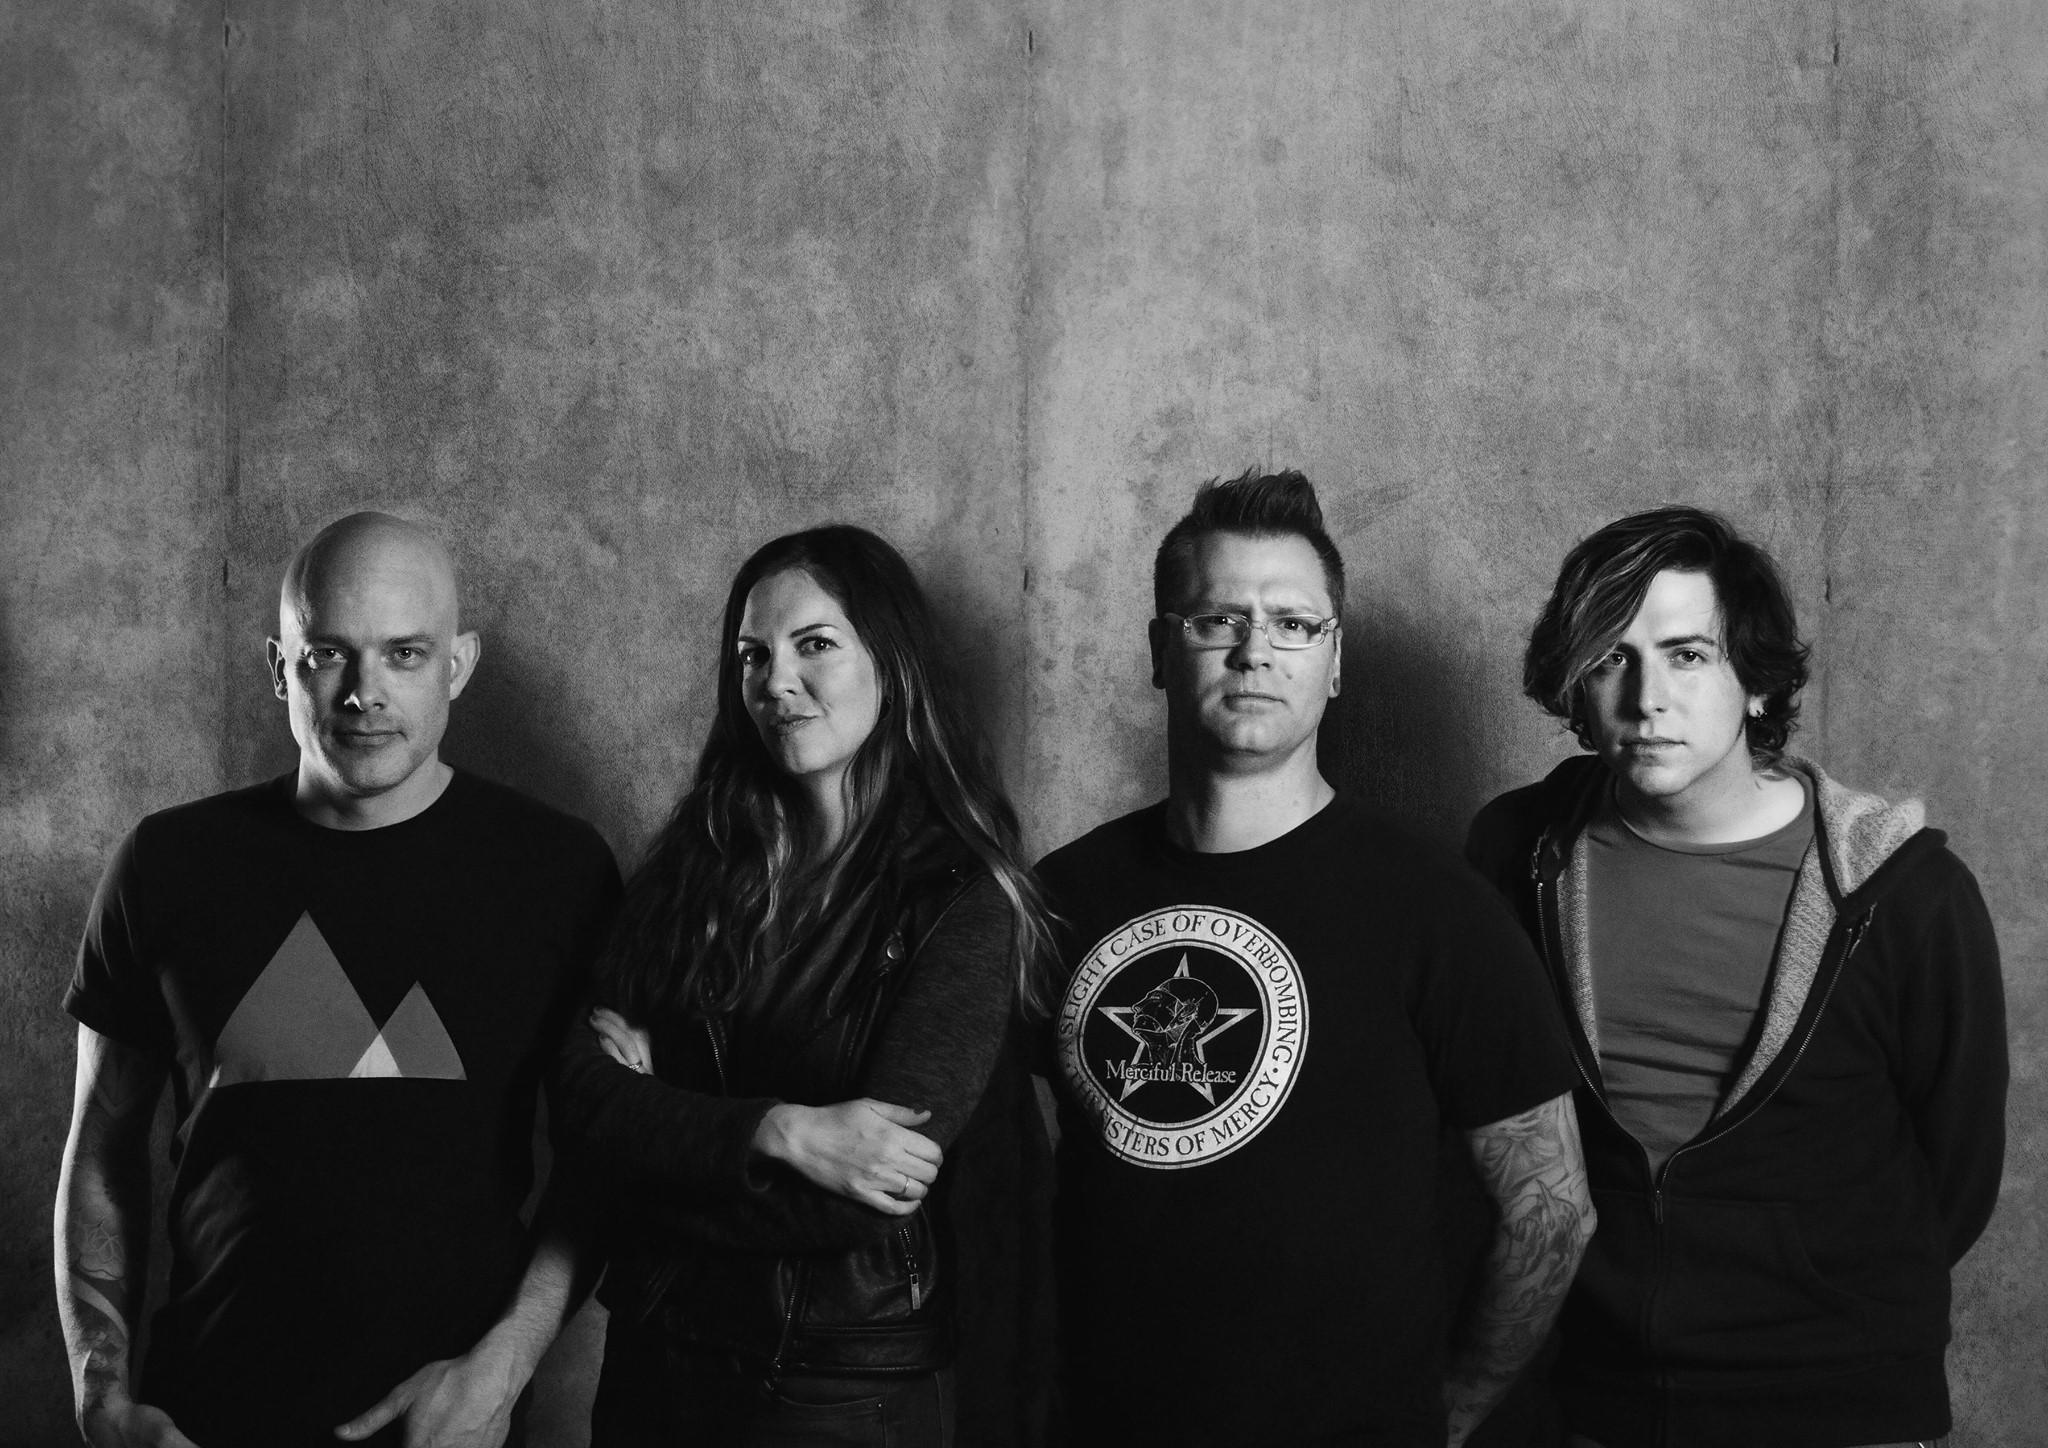 Scott Kerr (from left), Leanor Ortega Till, Andy Verdecchio and Matt Langston make up the Fast Feeling (Facebook/ Shannon Faber )